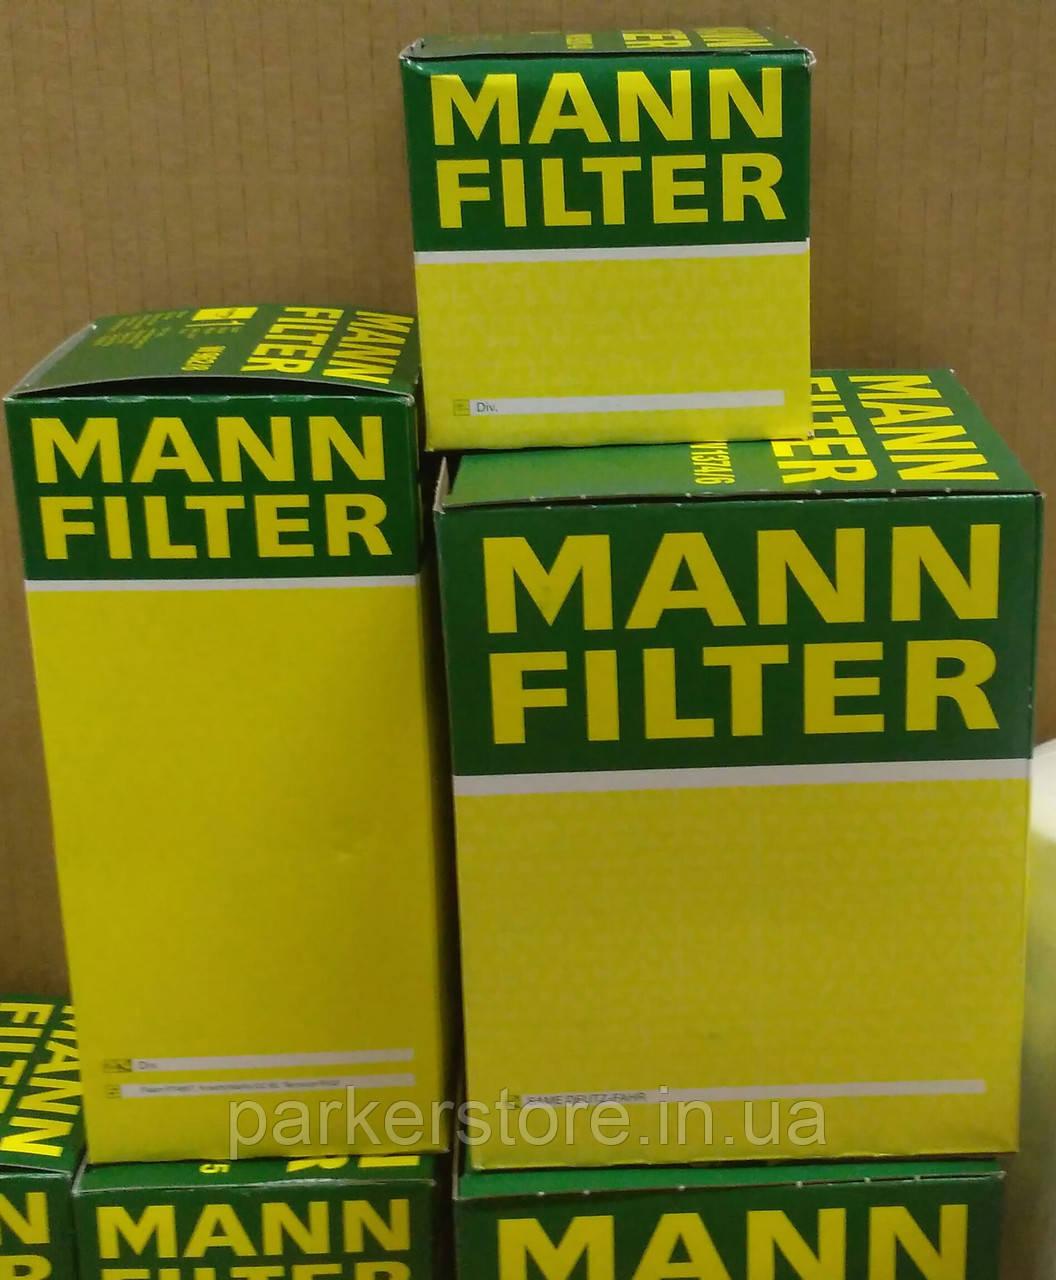 MANN FILTER / Повітряний фільтр / C 14 115 / C14115